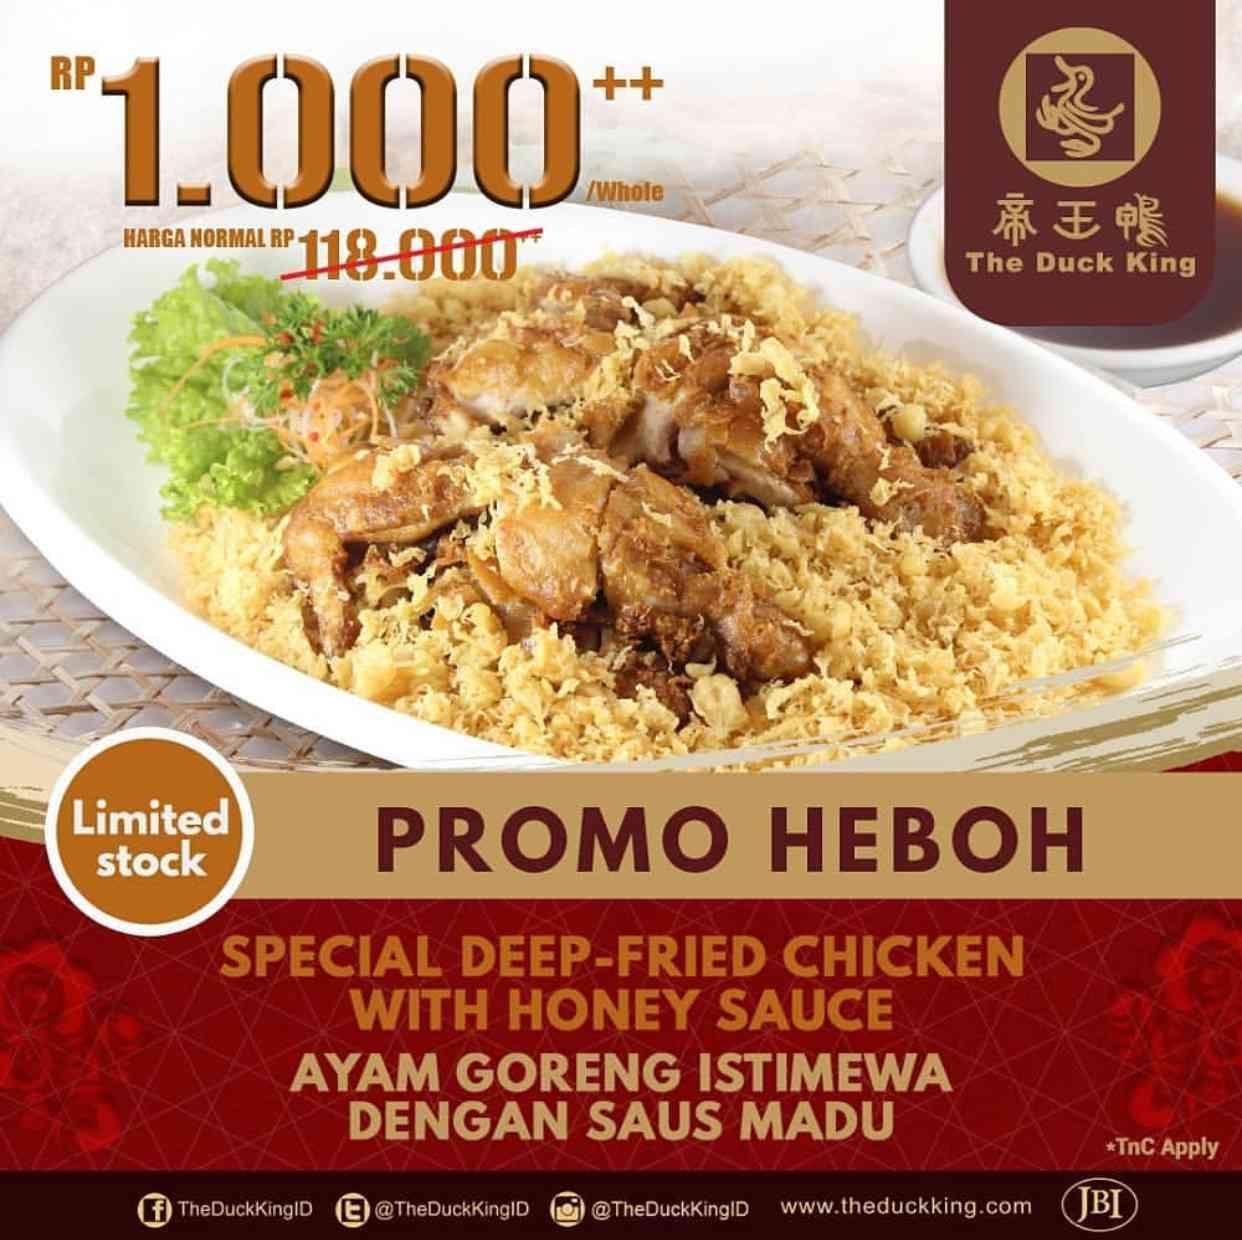 The Duck King Promo Ayam Goreng Istimewa Saus Madu cuma Rp1000++ per ekor